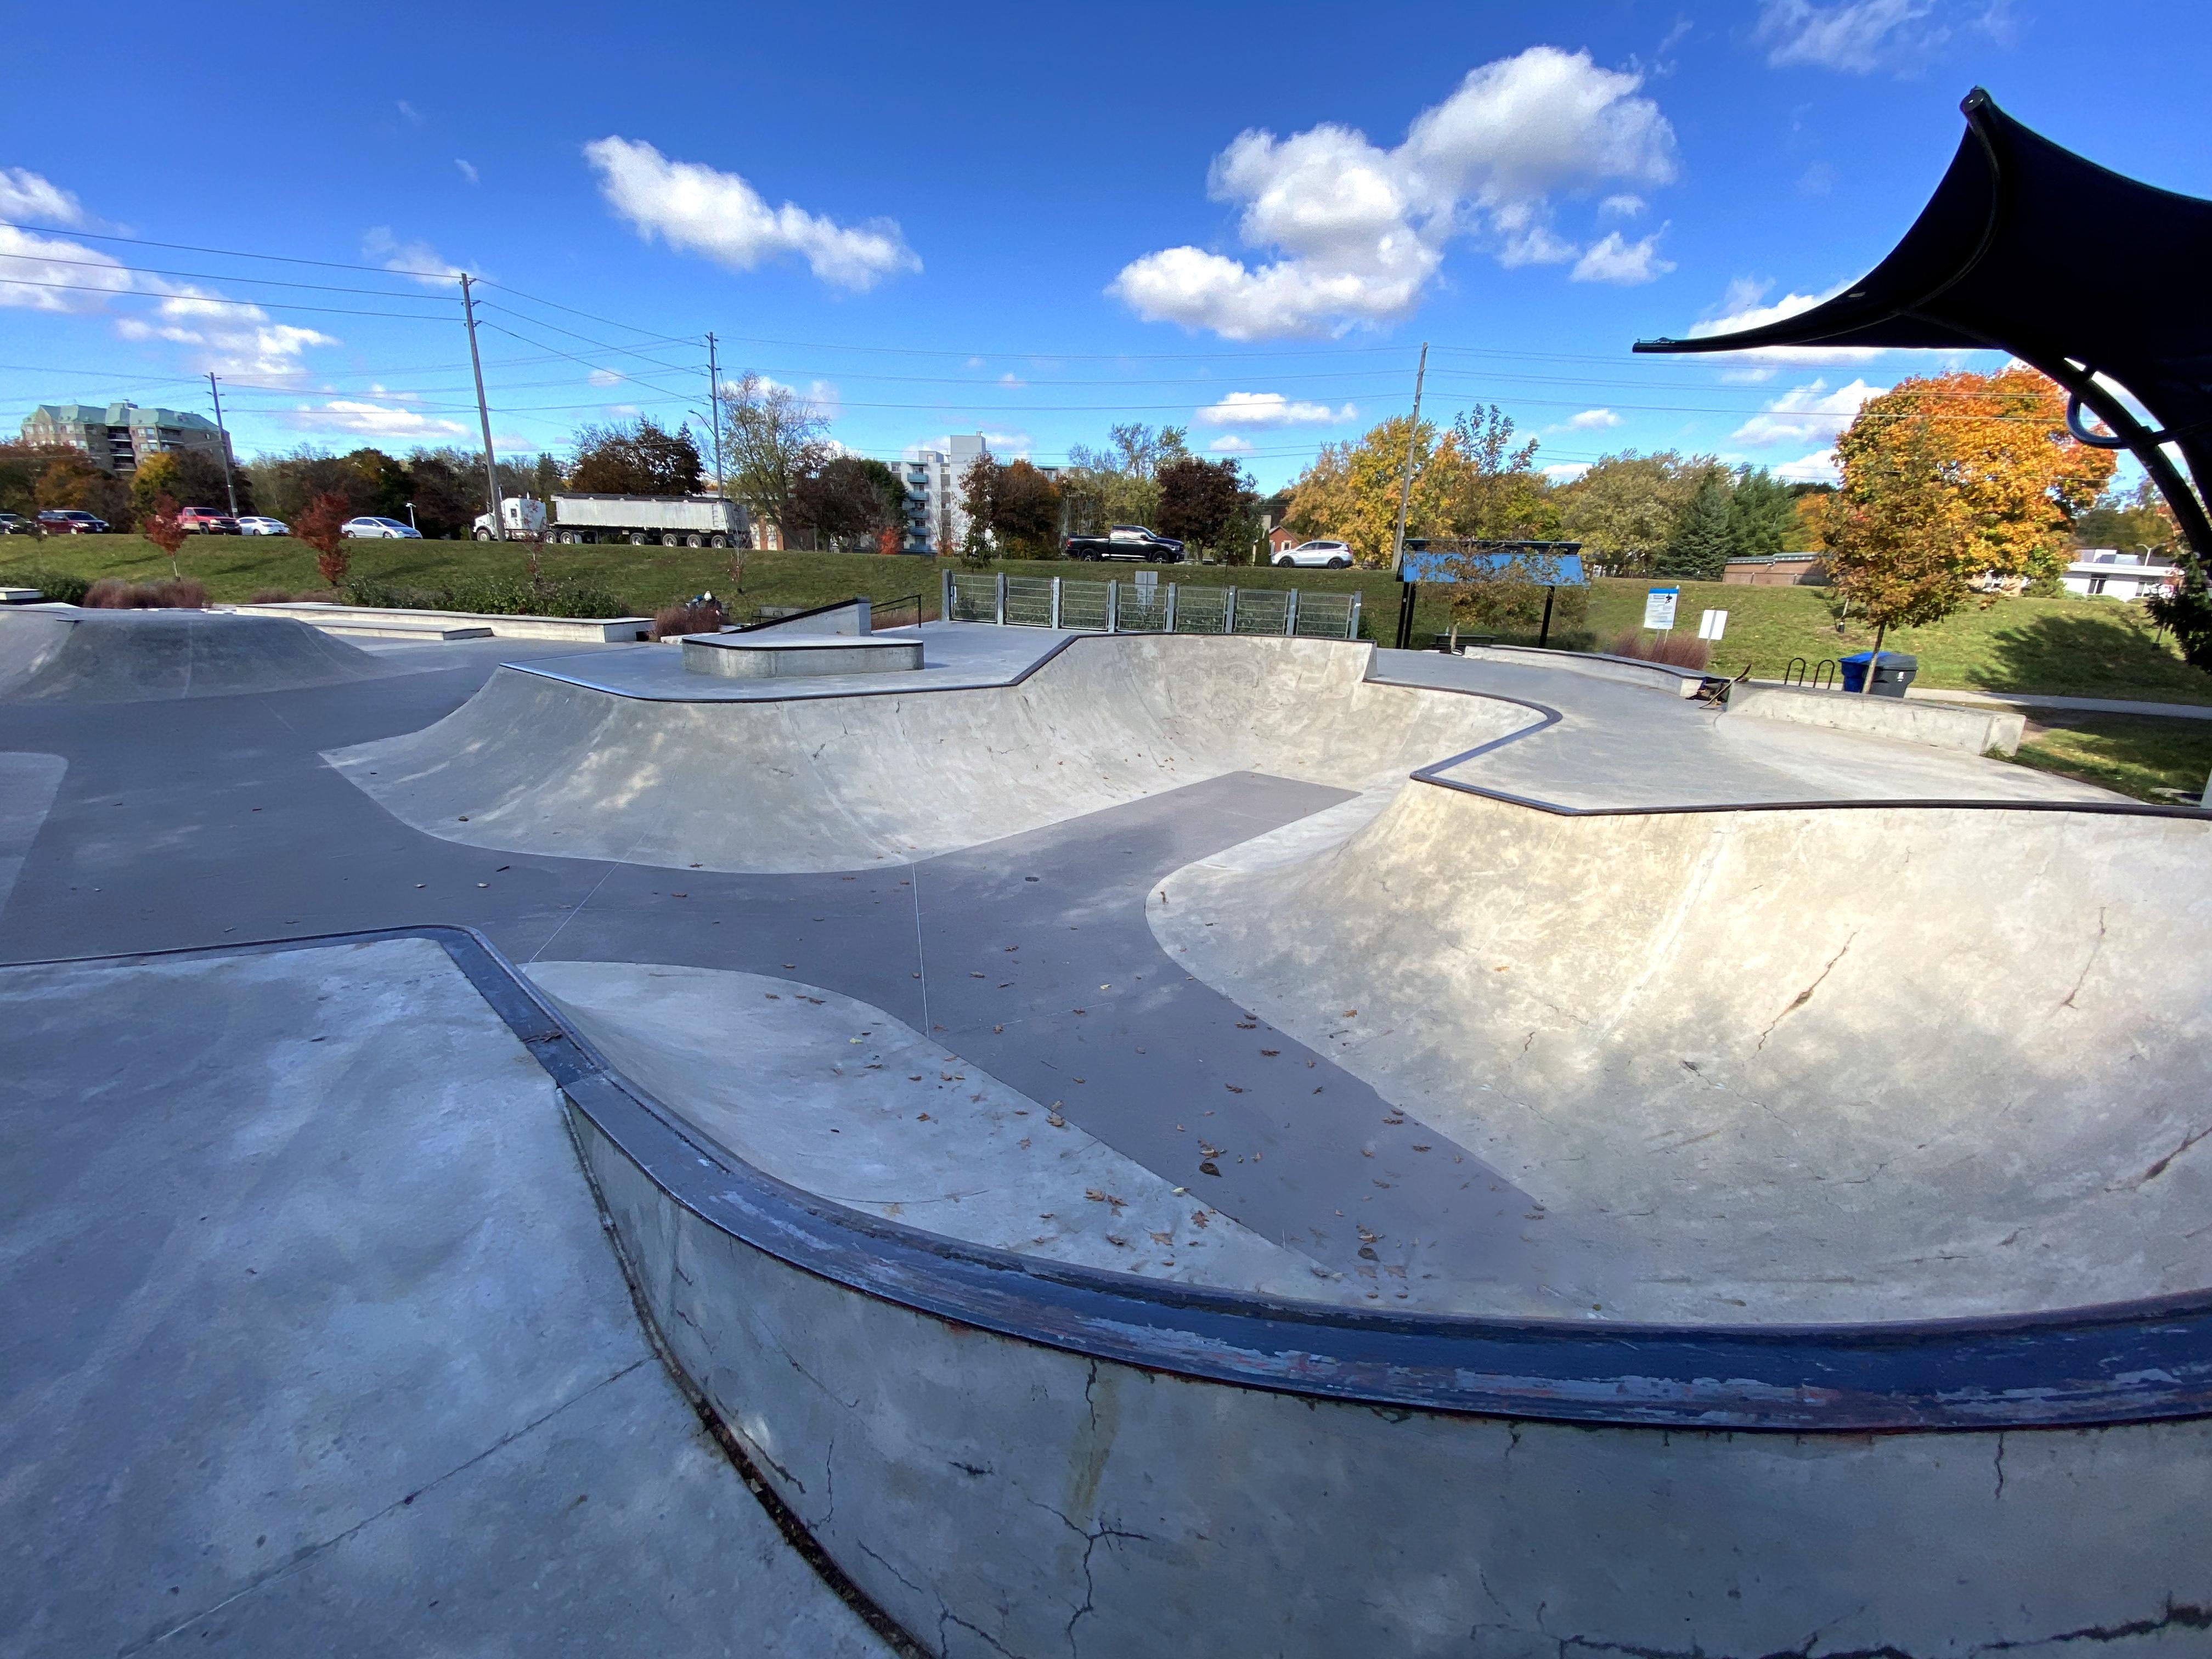 Guelph Skatepark near the front